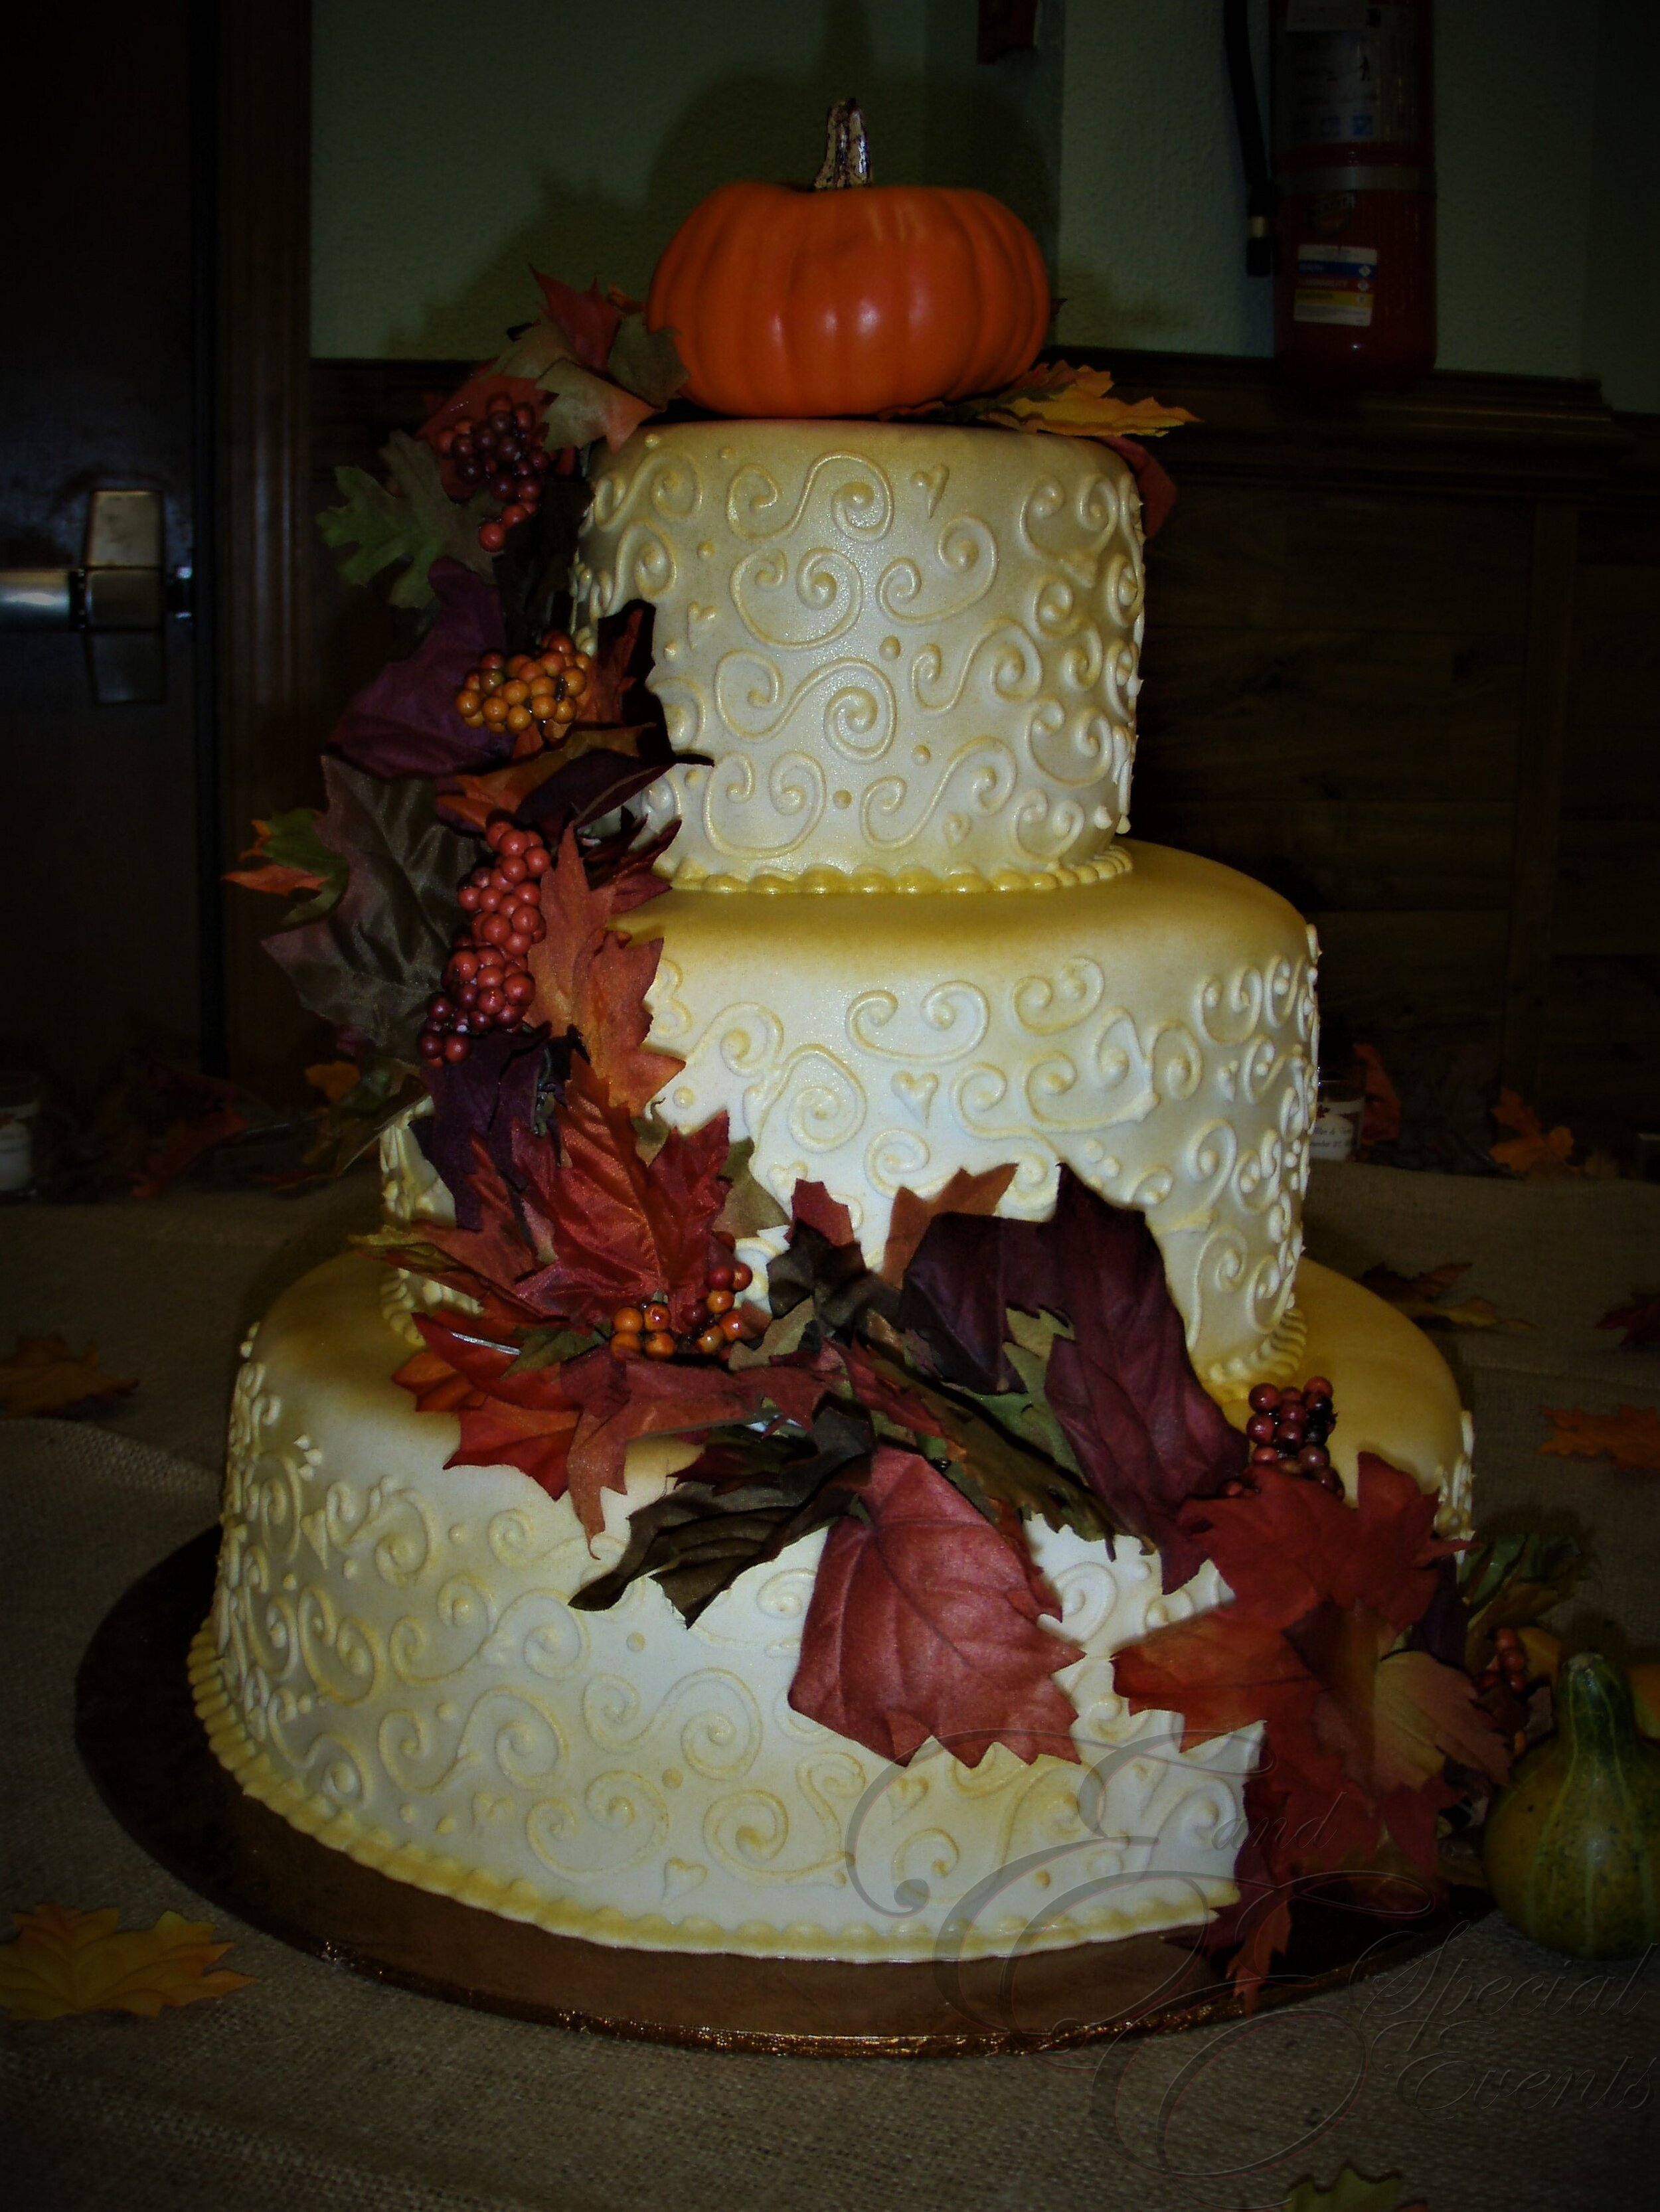 E_E_Special_Events_Unique_Wedding_Cakes_Virginia_Beach_Hampton_Roads76.jpg